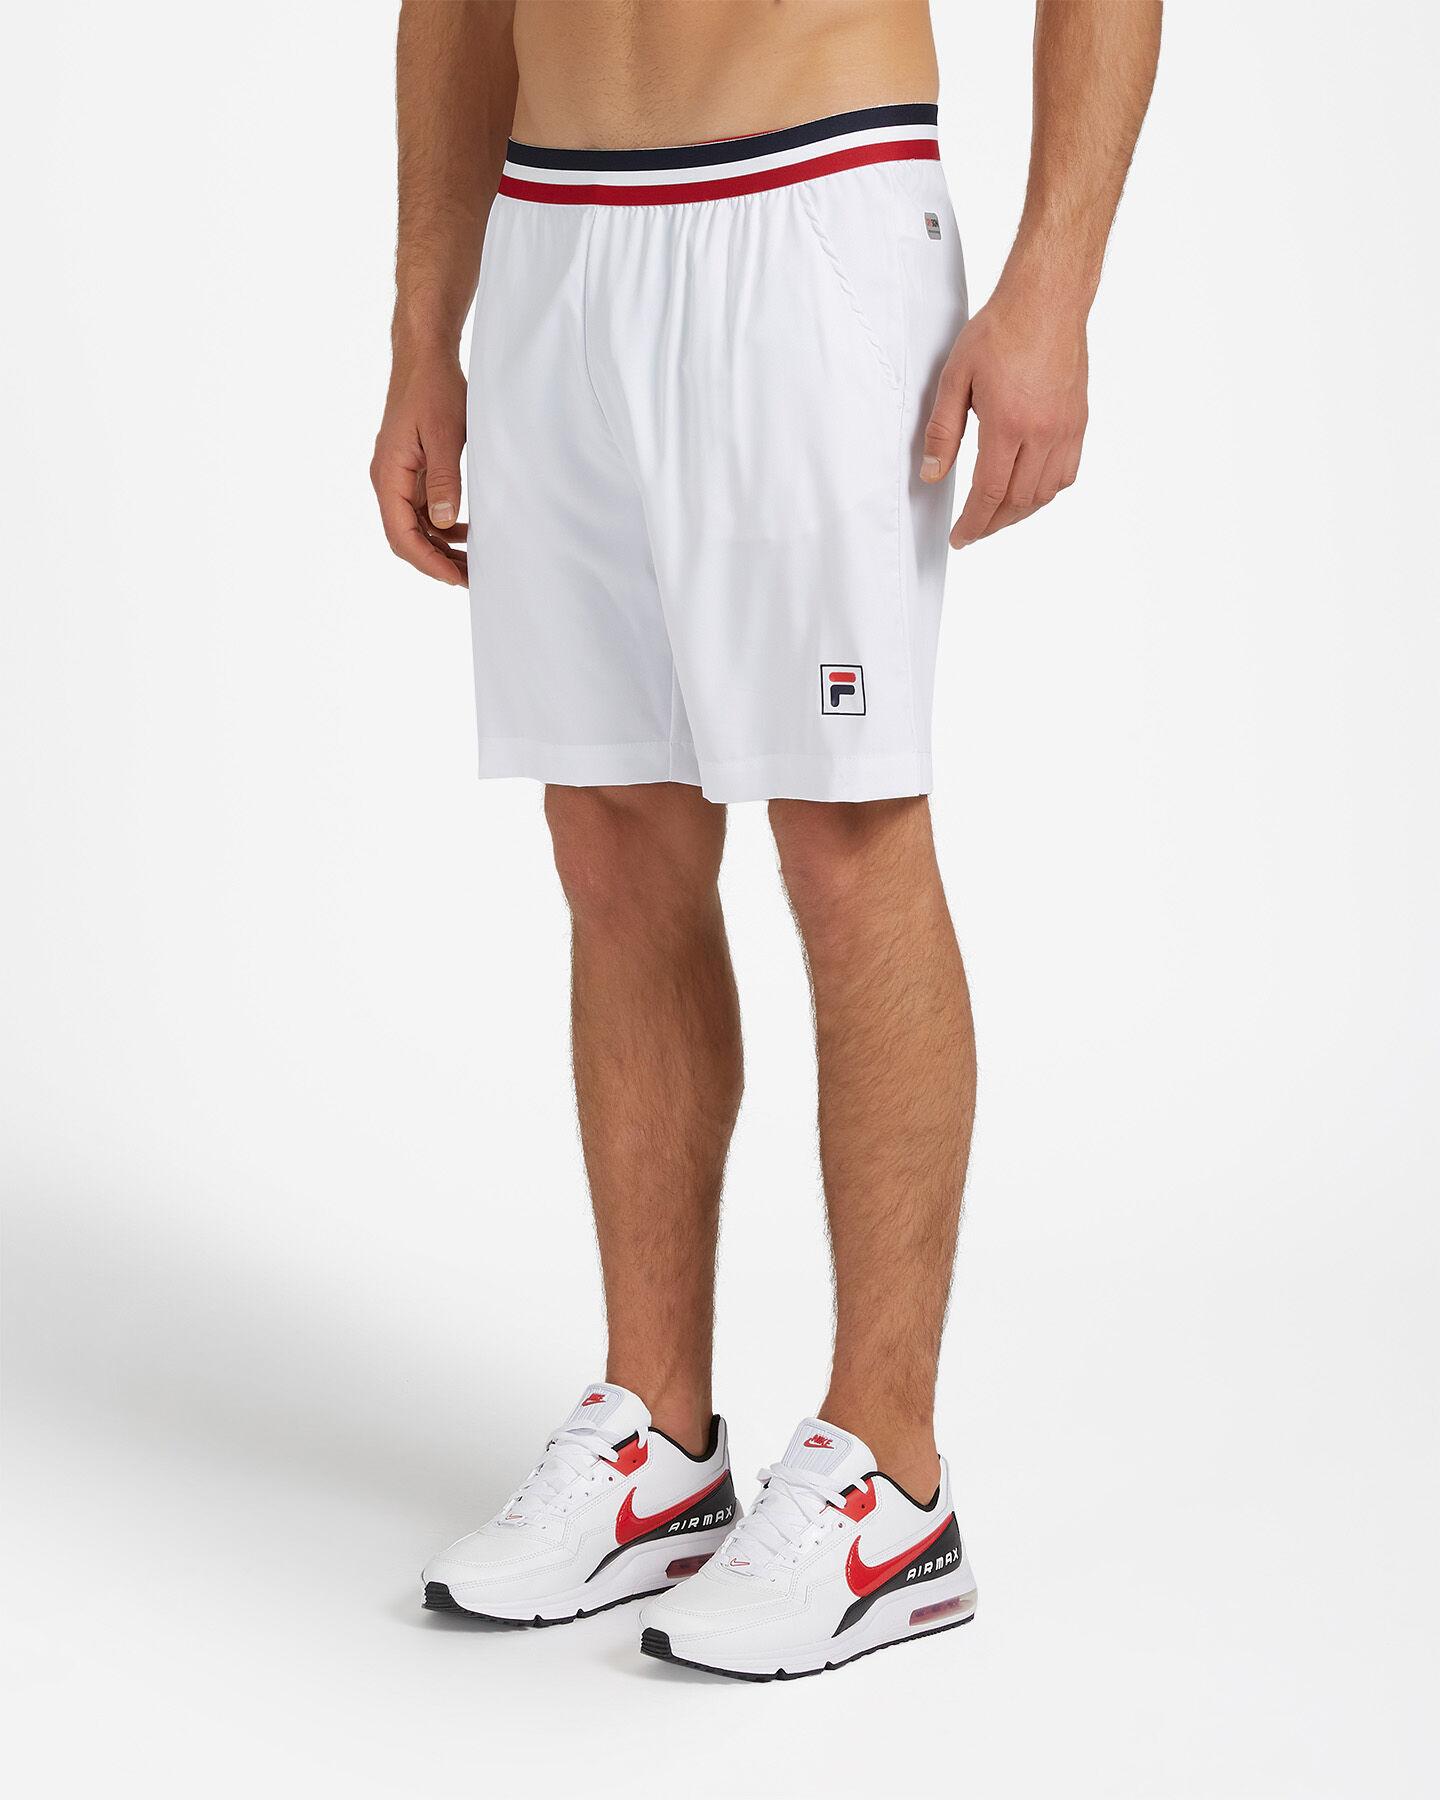 Pantaloncini tennis FILA CLASSIC TENNIS M S4075798 scatto 2